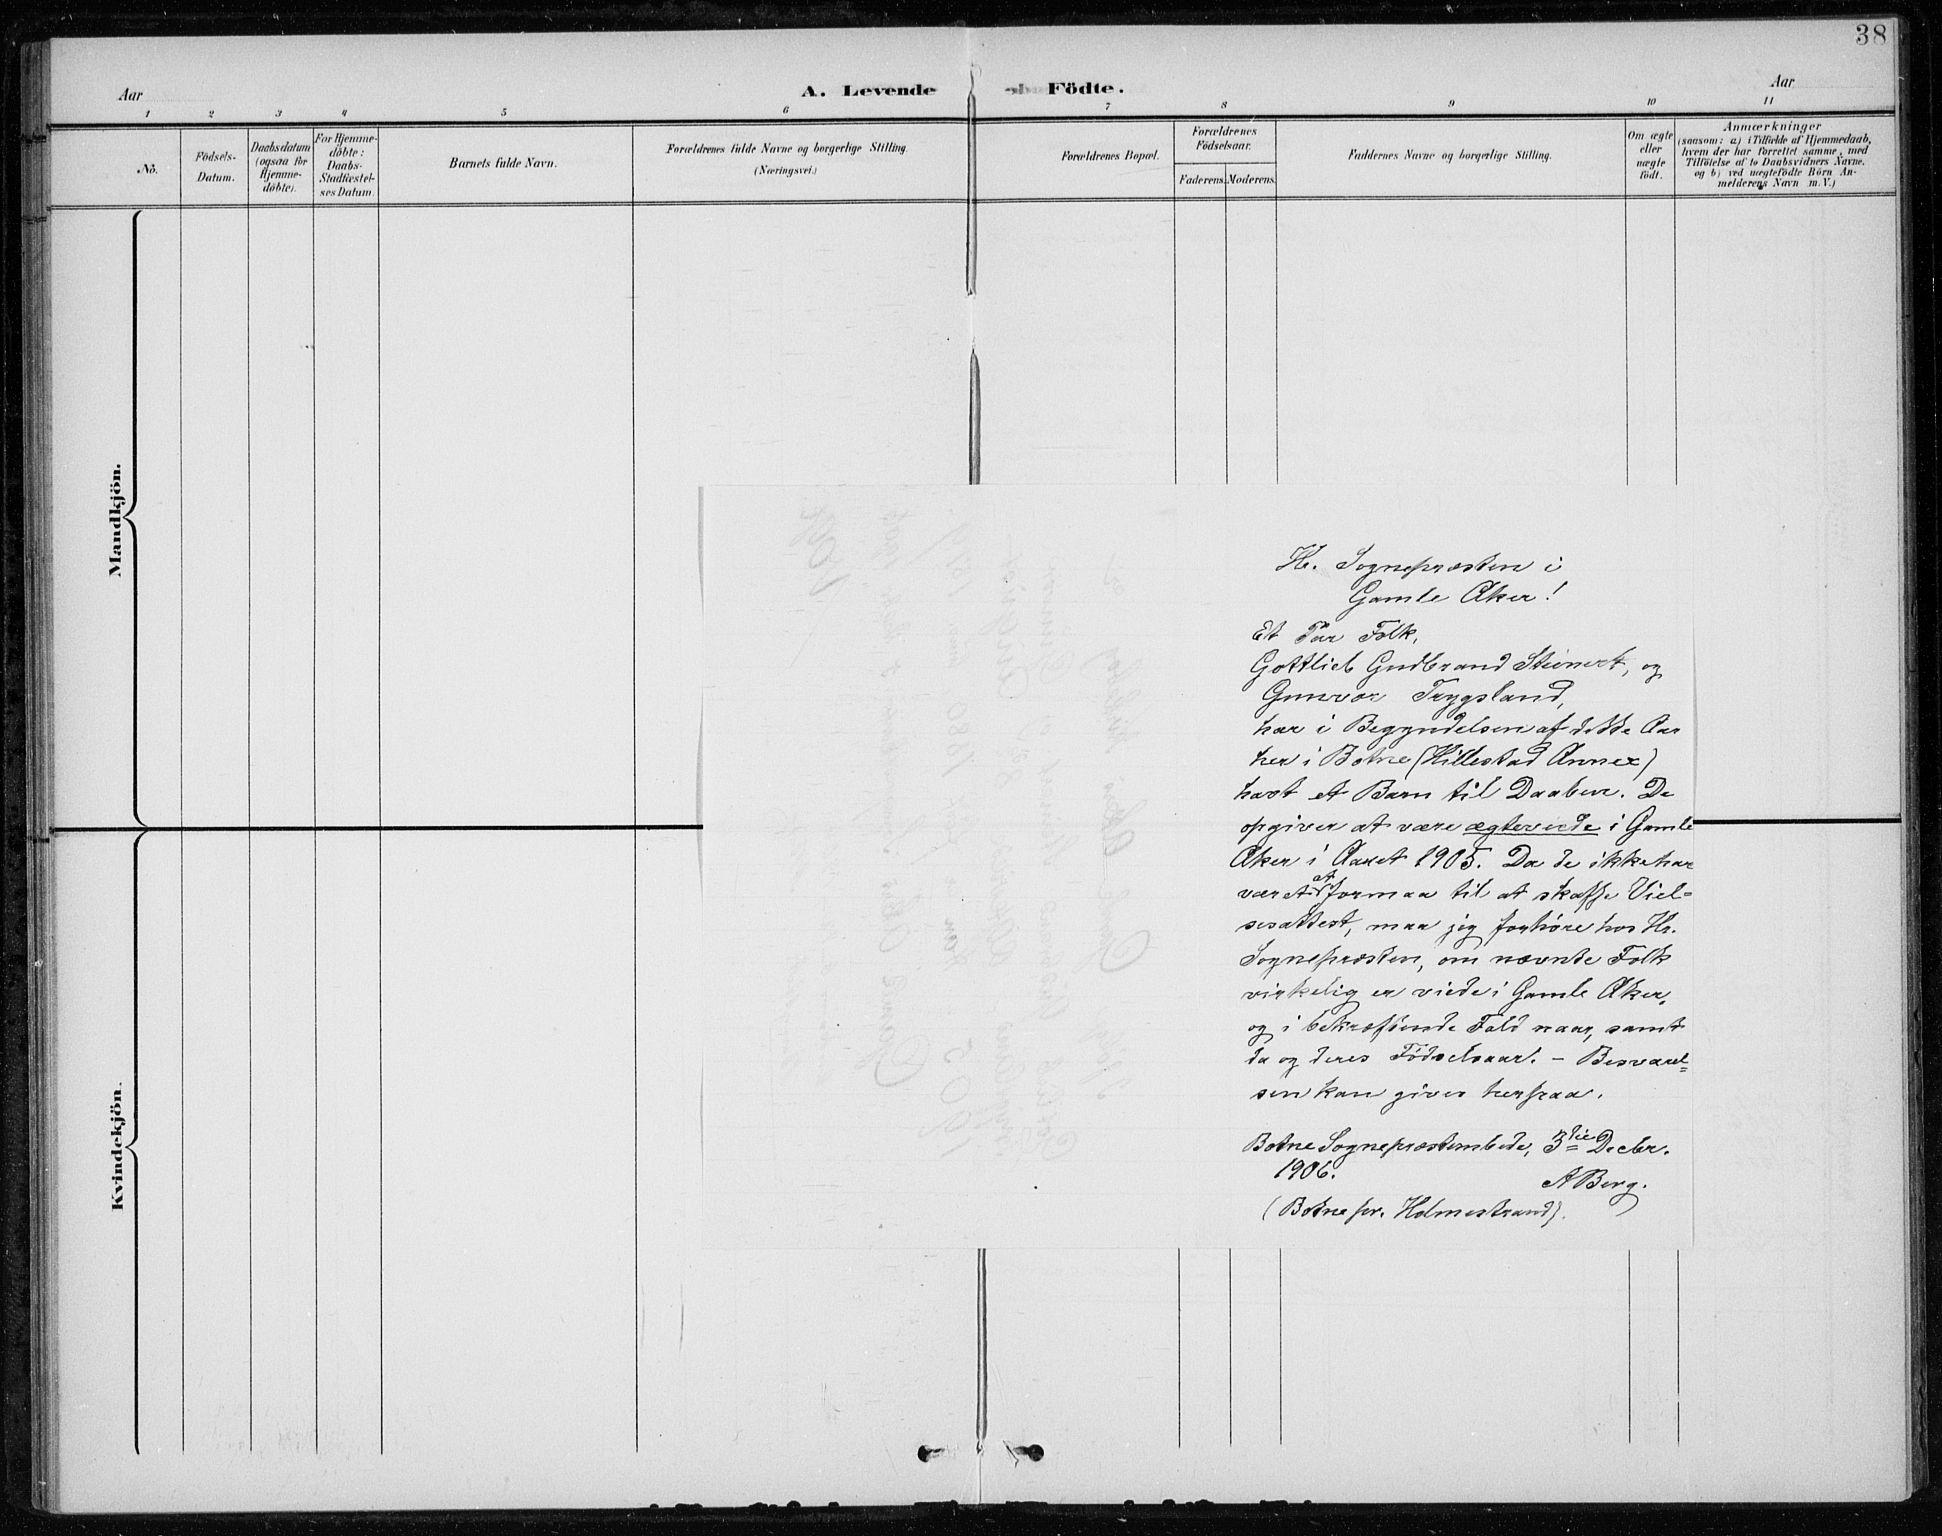 SAKO, Botne kirkebøker, F/Fb/L0002: Ministerialbok nr. II 2, 1902-1915, s. 38